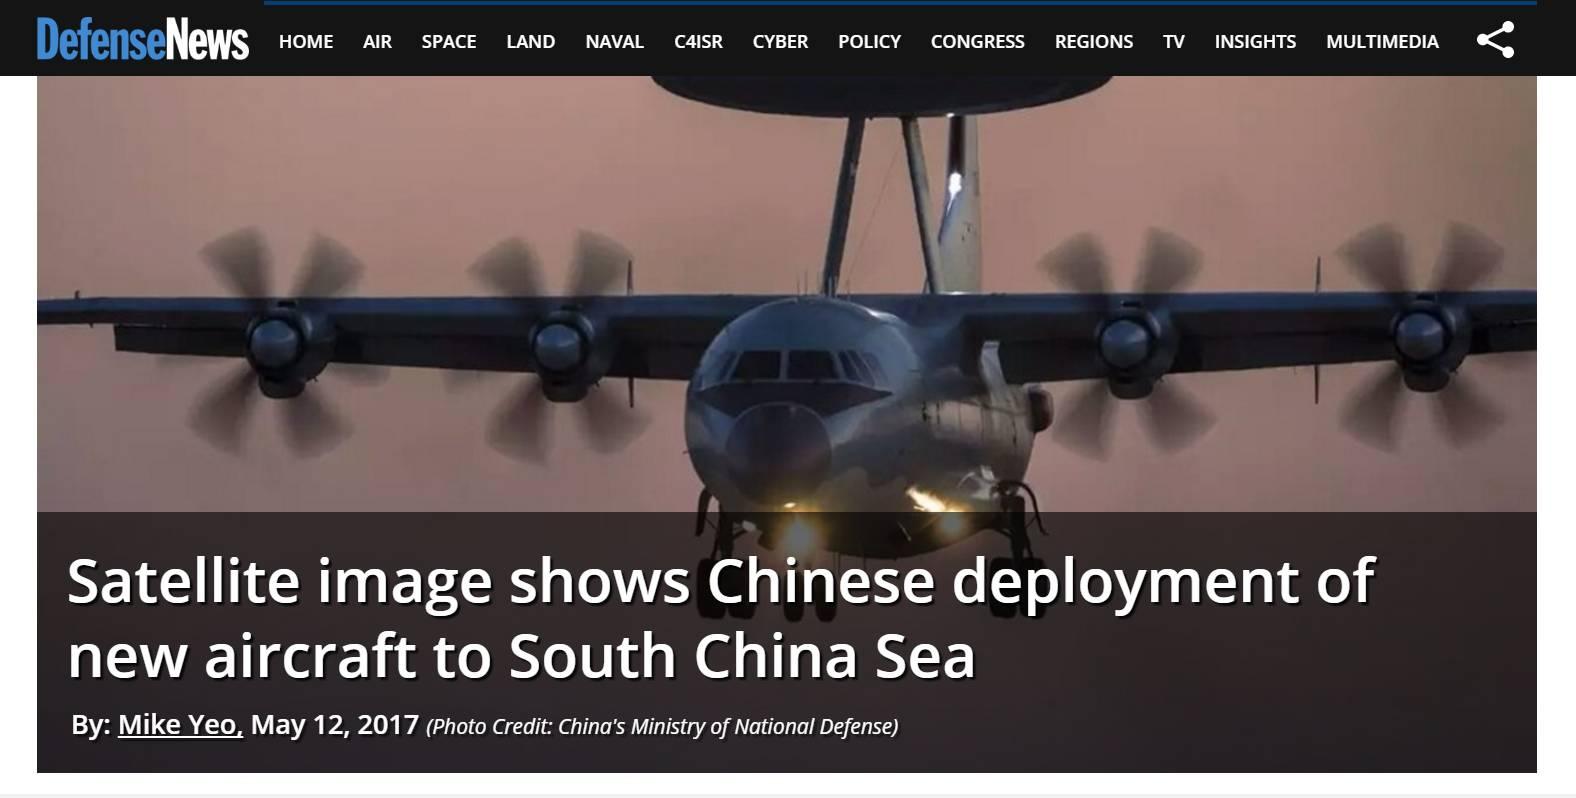 ▲美国权威军事网站《防务新闻》报道称,通过得到的卫星图像发现中国正在南海海域部署新的飞行器。